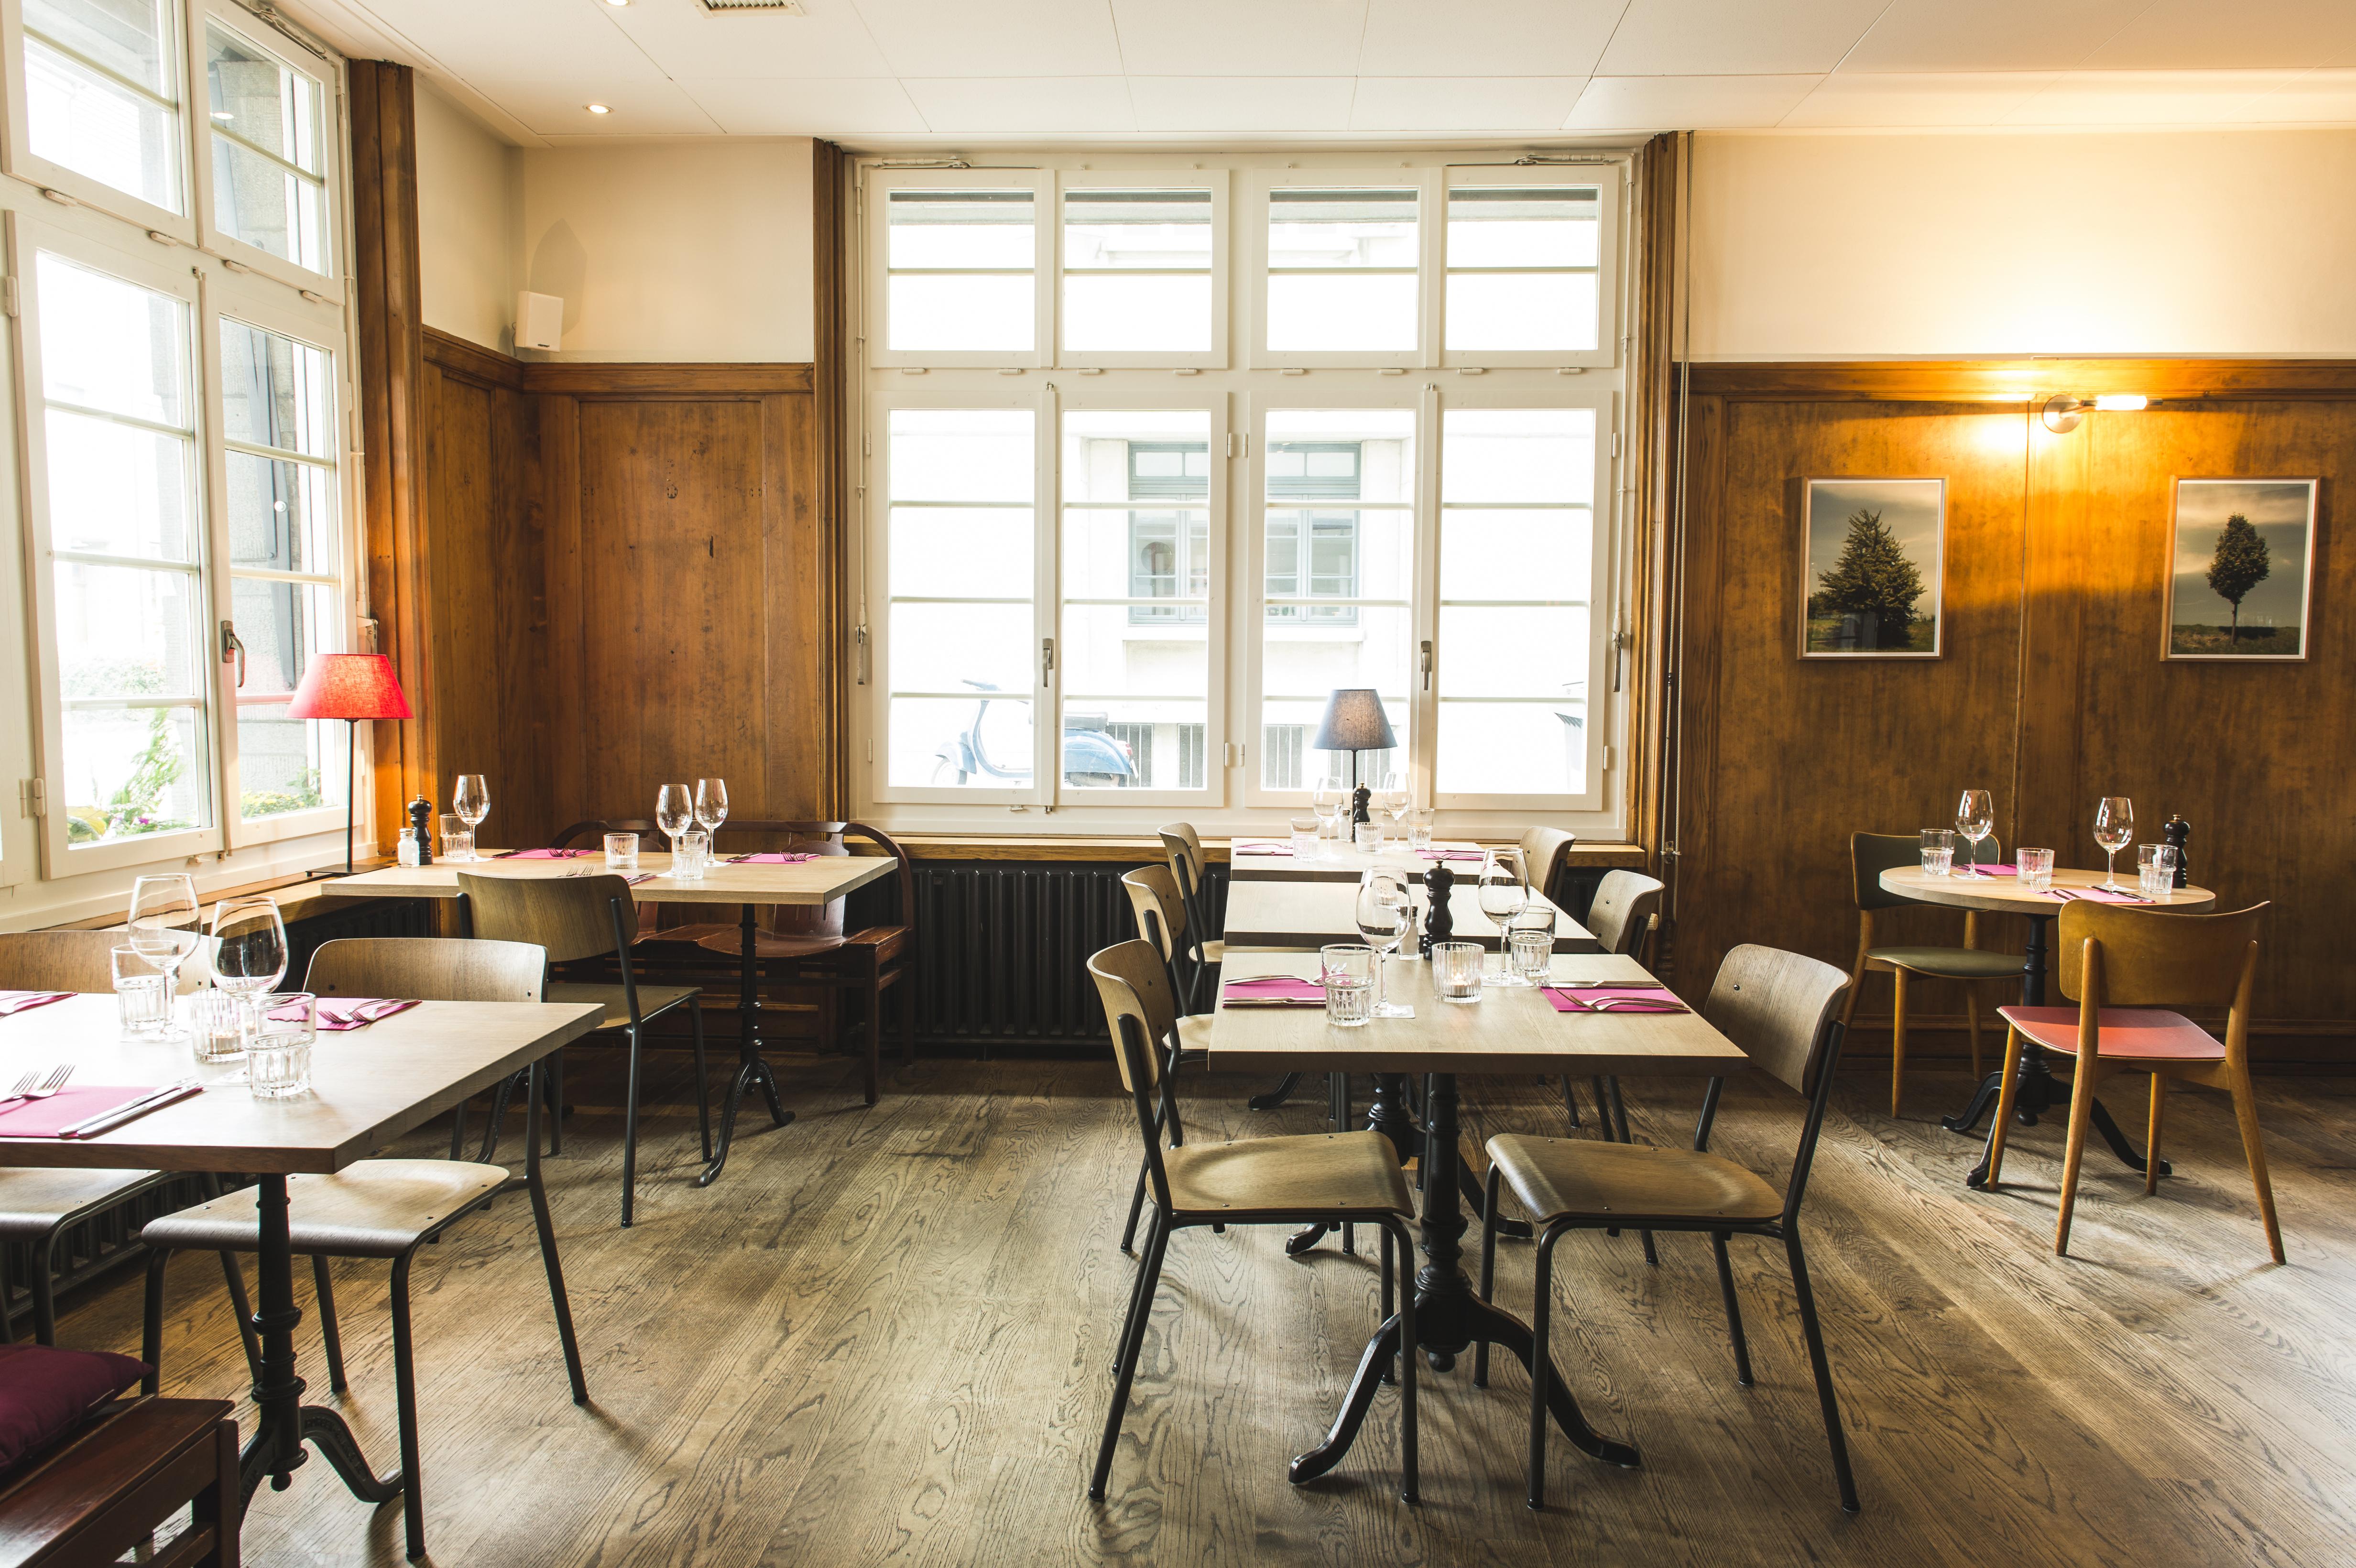 Durchgehend Warme Küche Zürich | Wilder Mann In Zurich Ausgezeichnete Restaurants Bars Take Aways